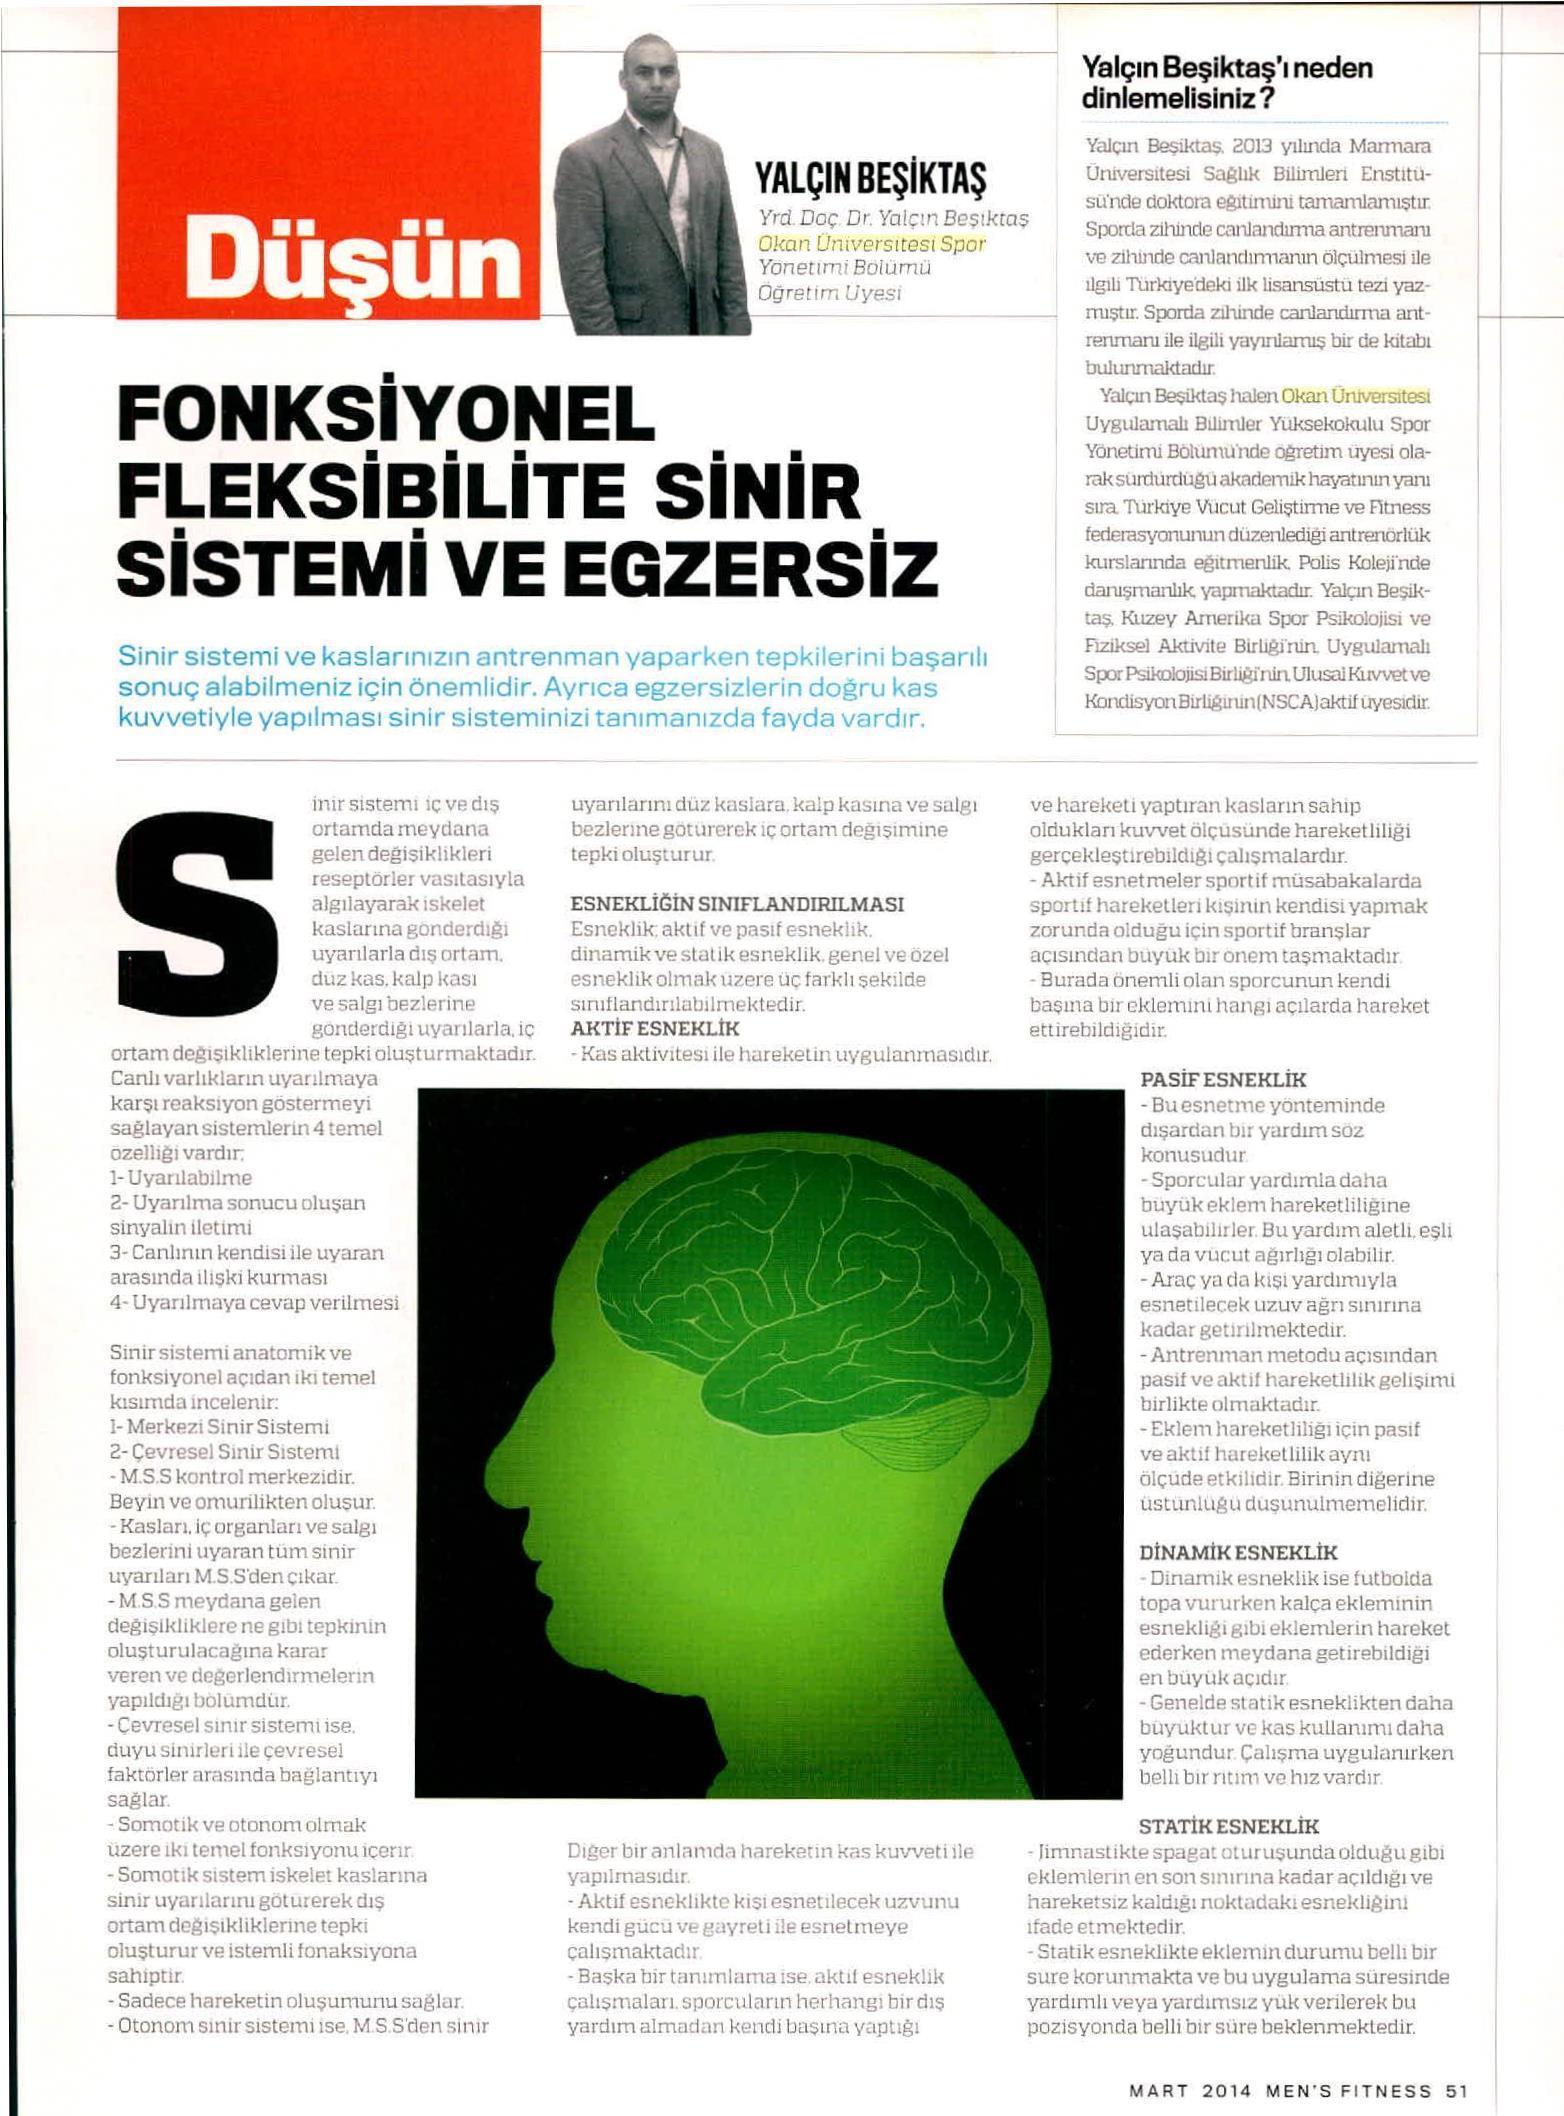 Fonksiyonel eğitim ... Fonksiyonel eğitim: egzersizleri ve özellikleri